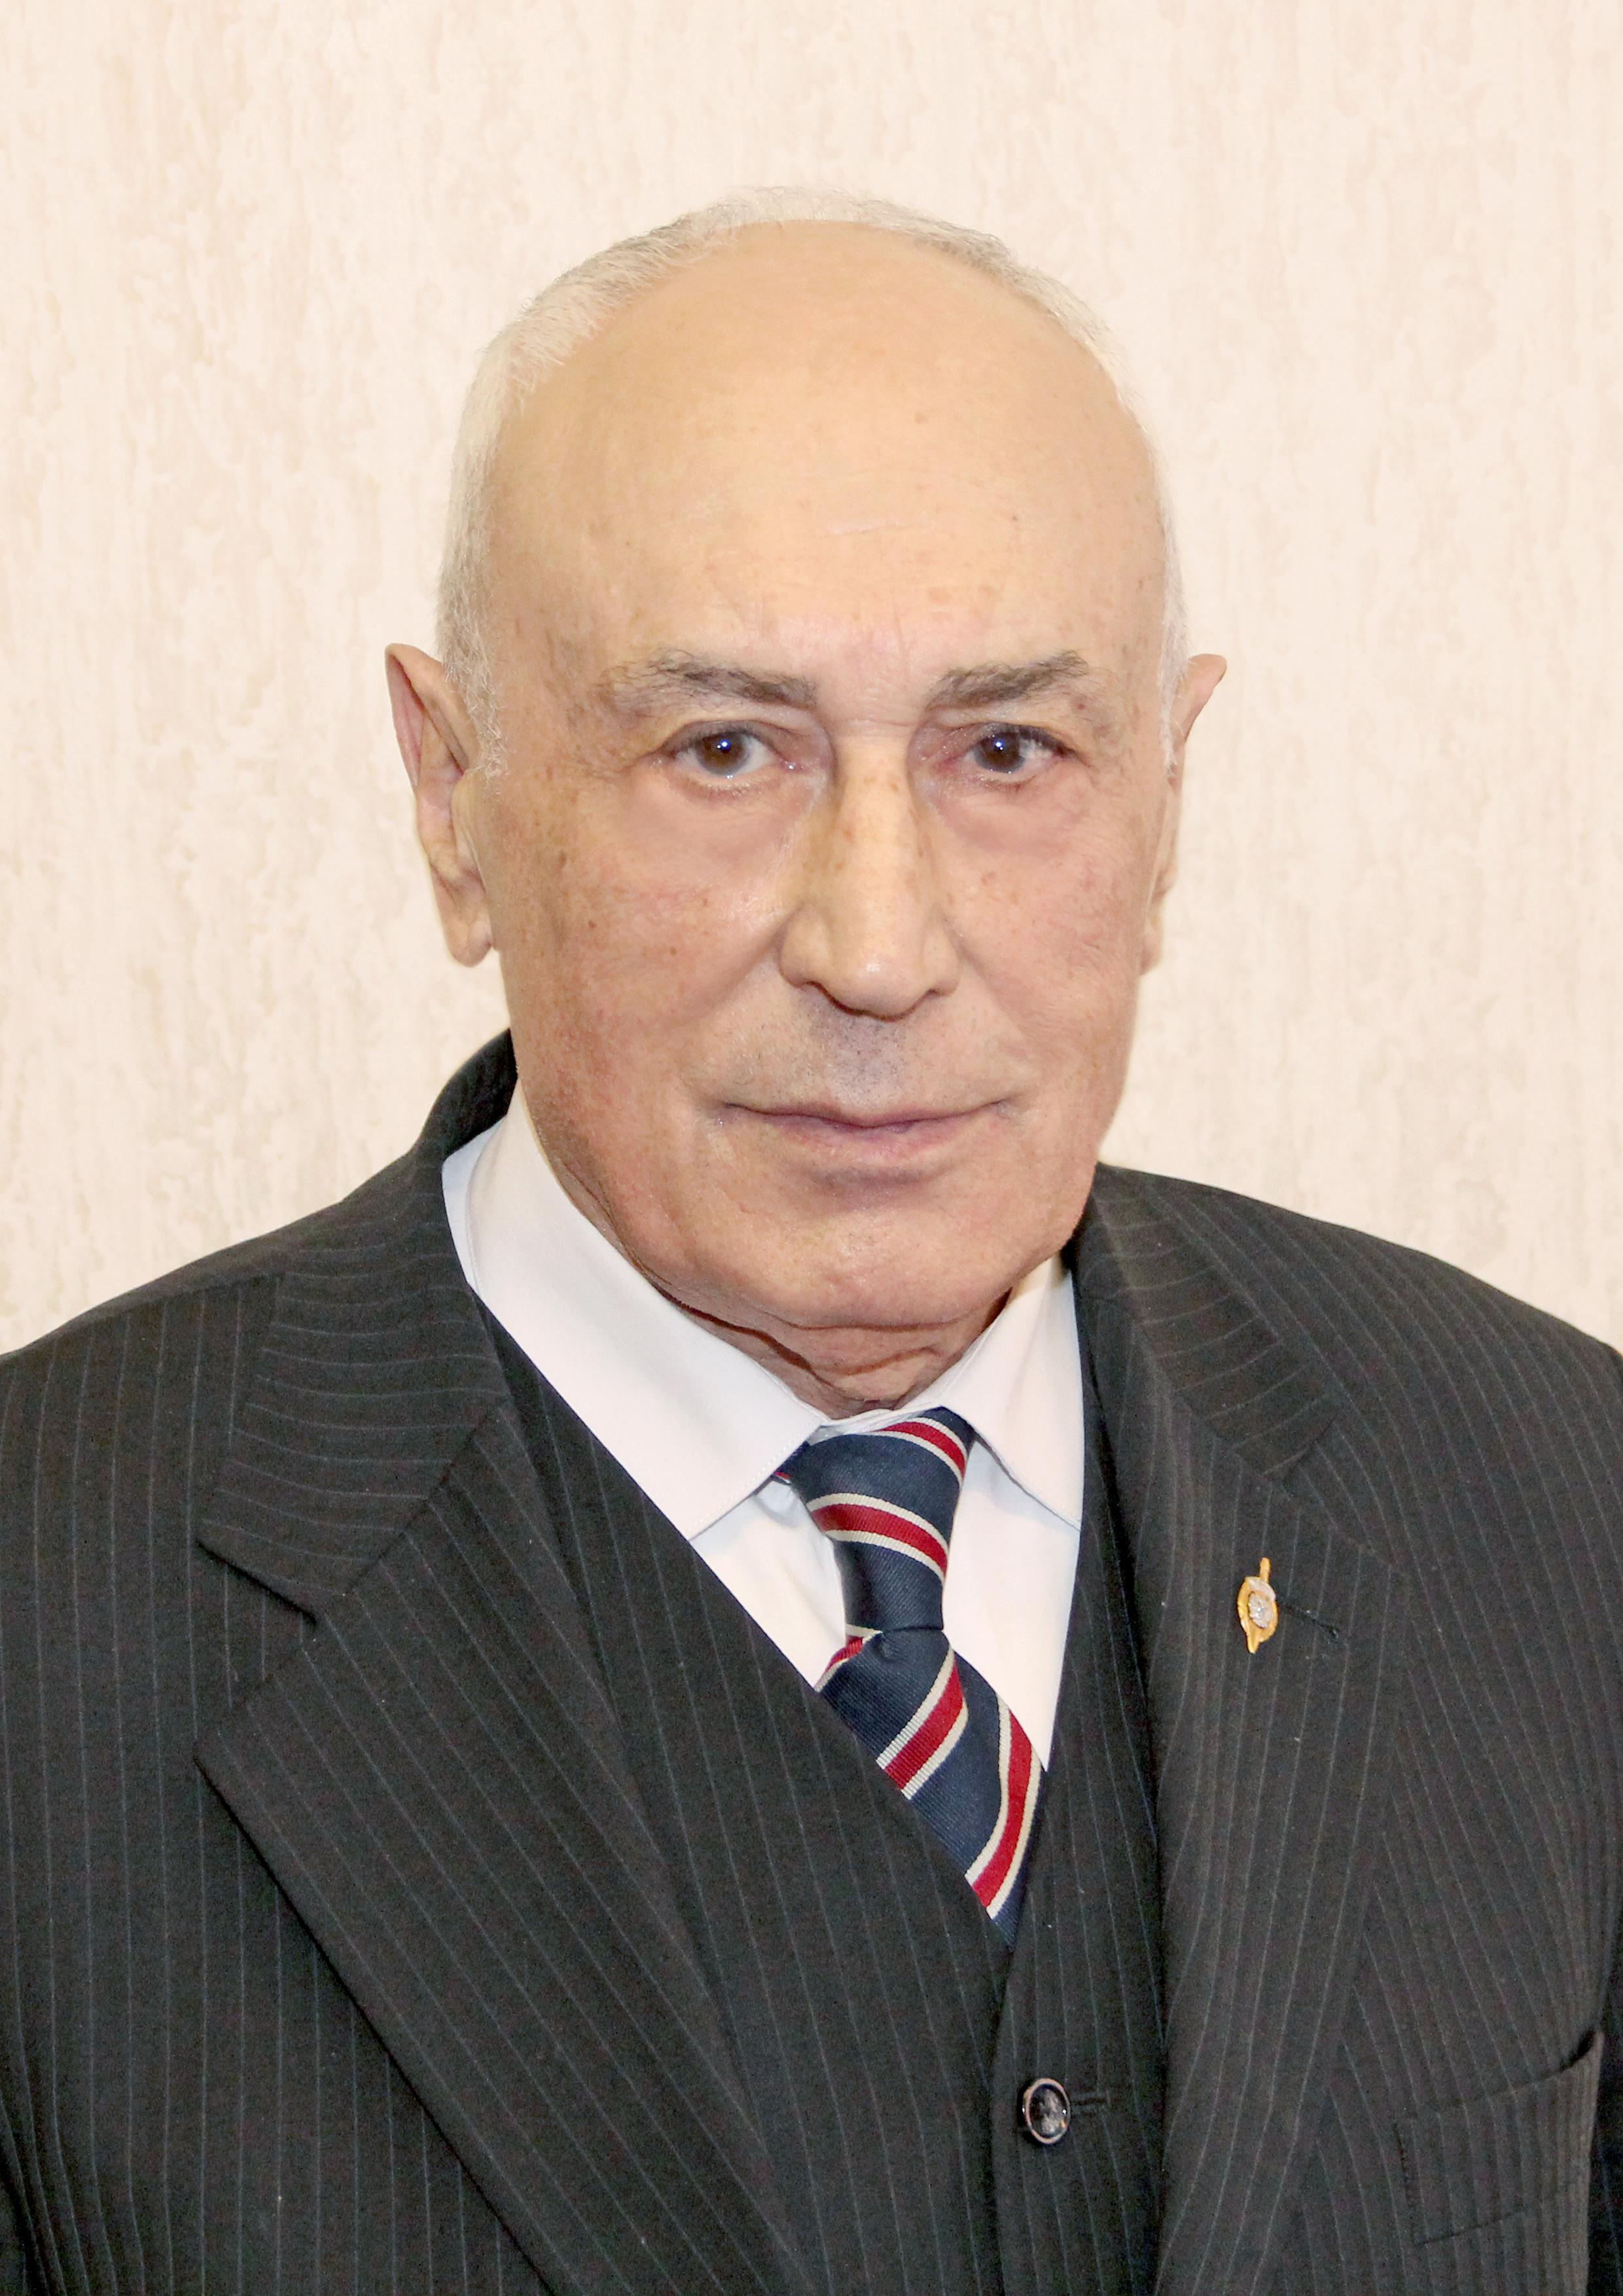 Владимир Евгеньевич Эминов (первый заведующий кафедрой, на пенсии)